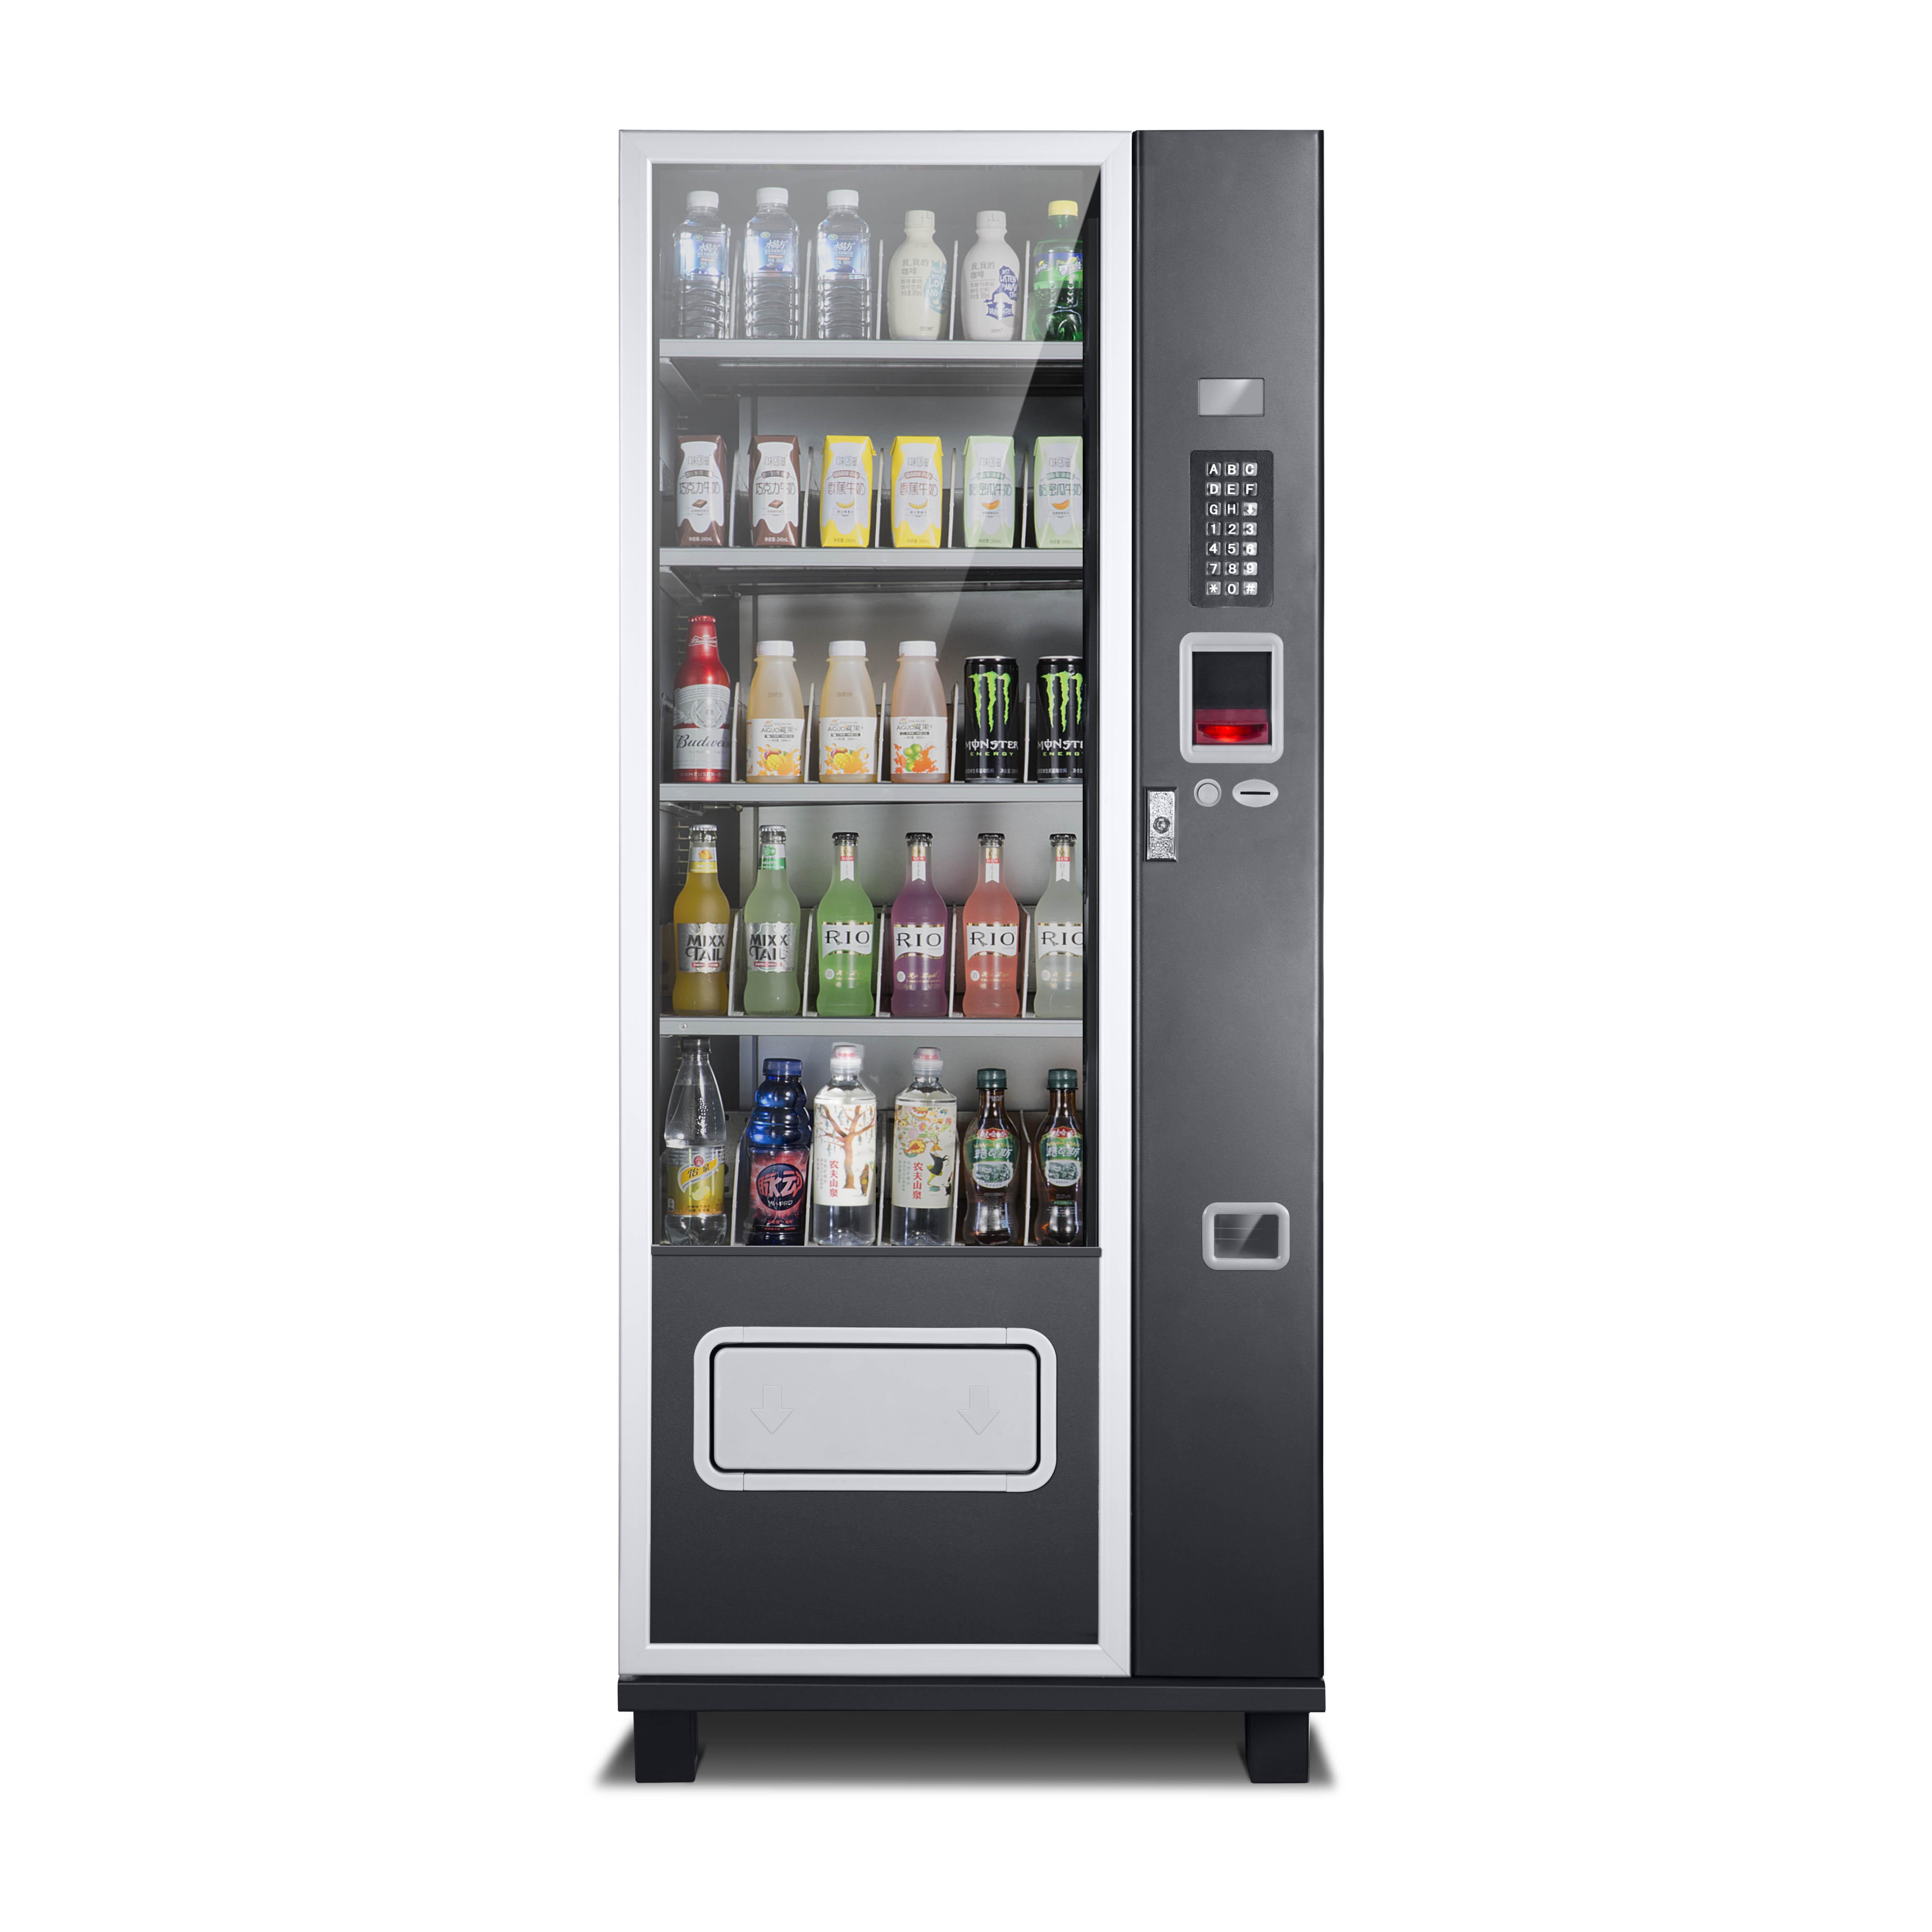 Комбинированный торговый автомат для закусок, напитков, используется в торговых центрах, больницах, школах, CE